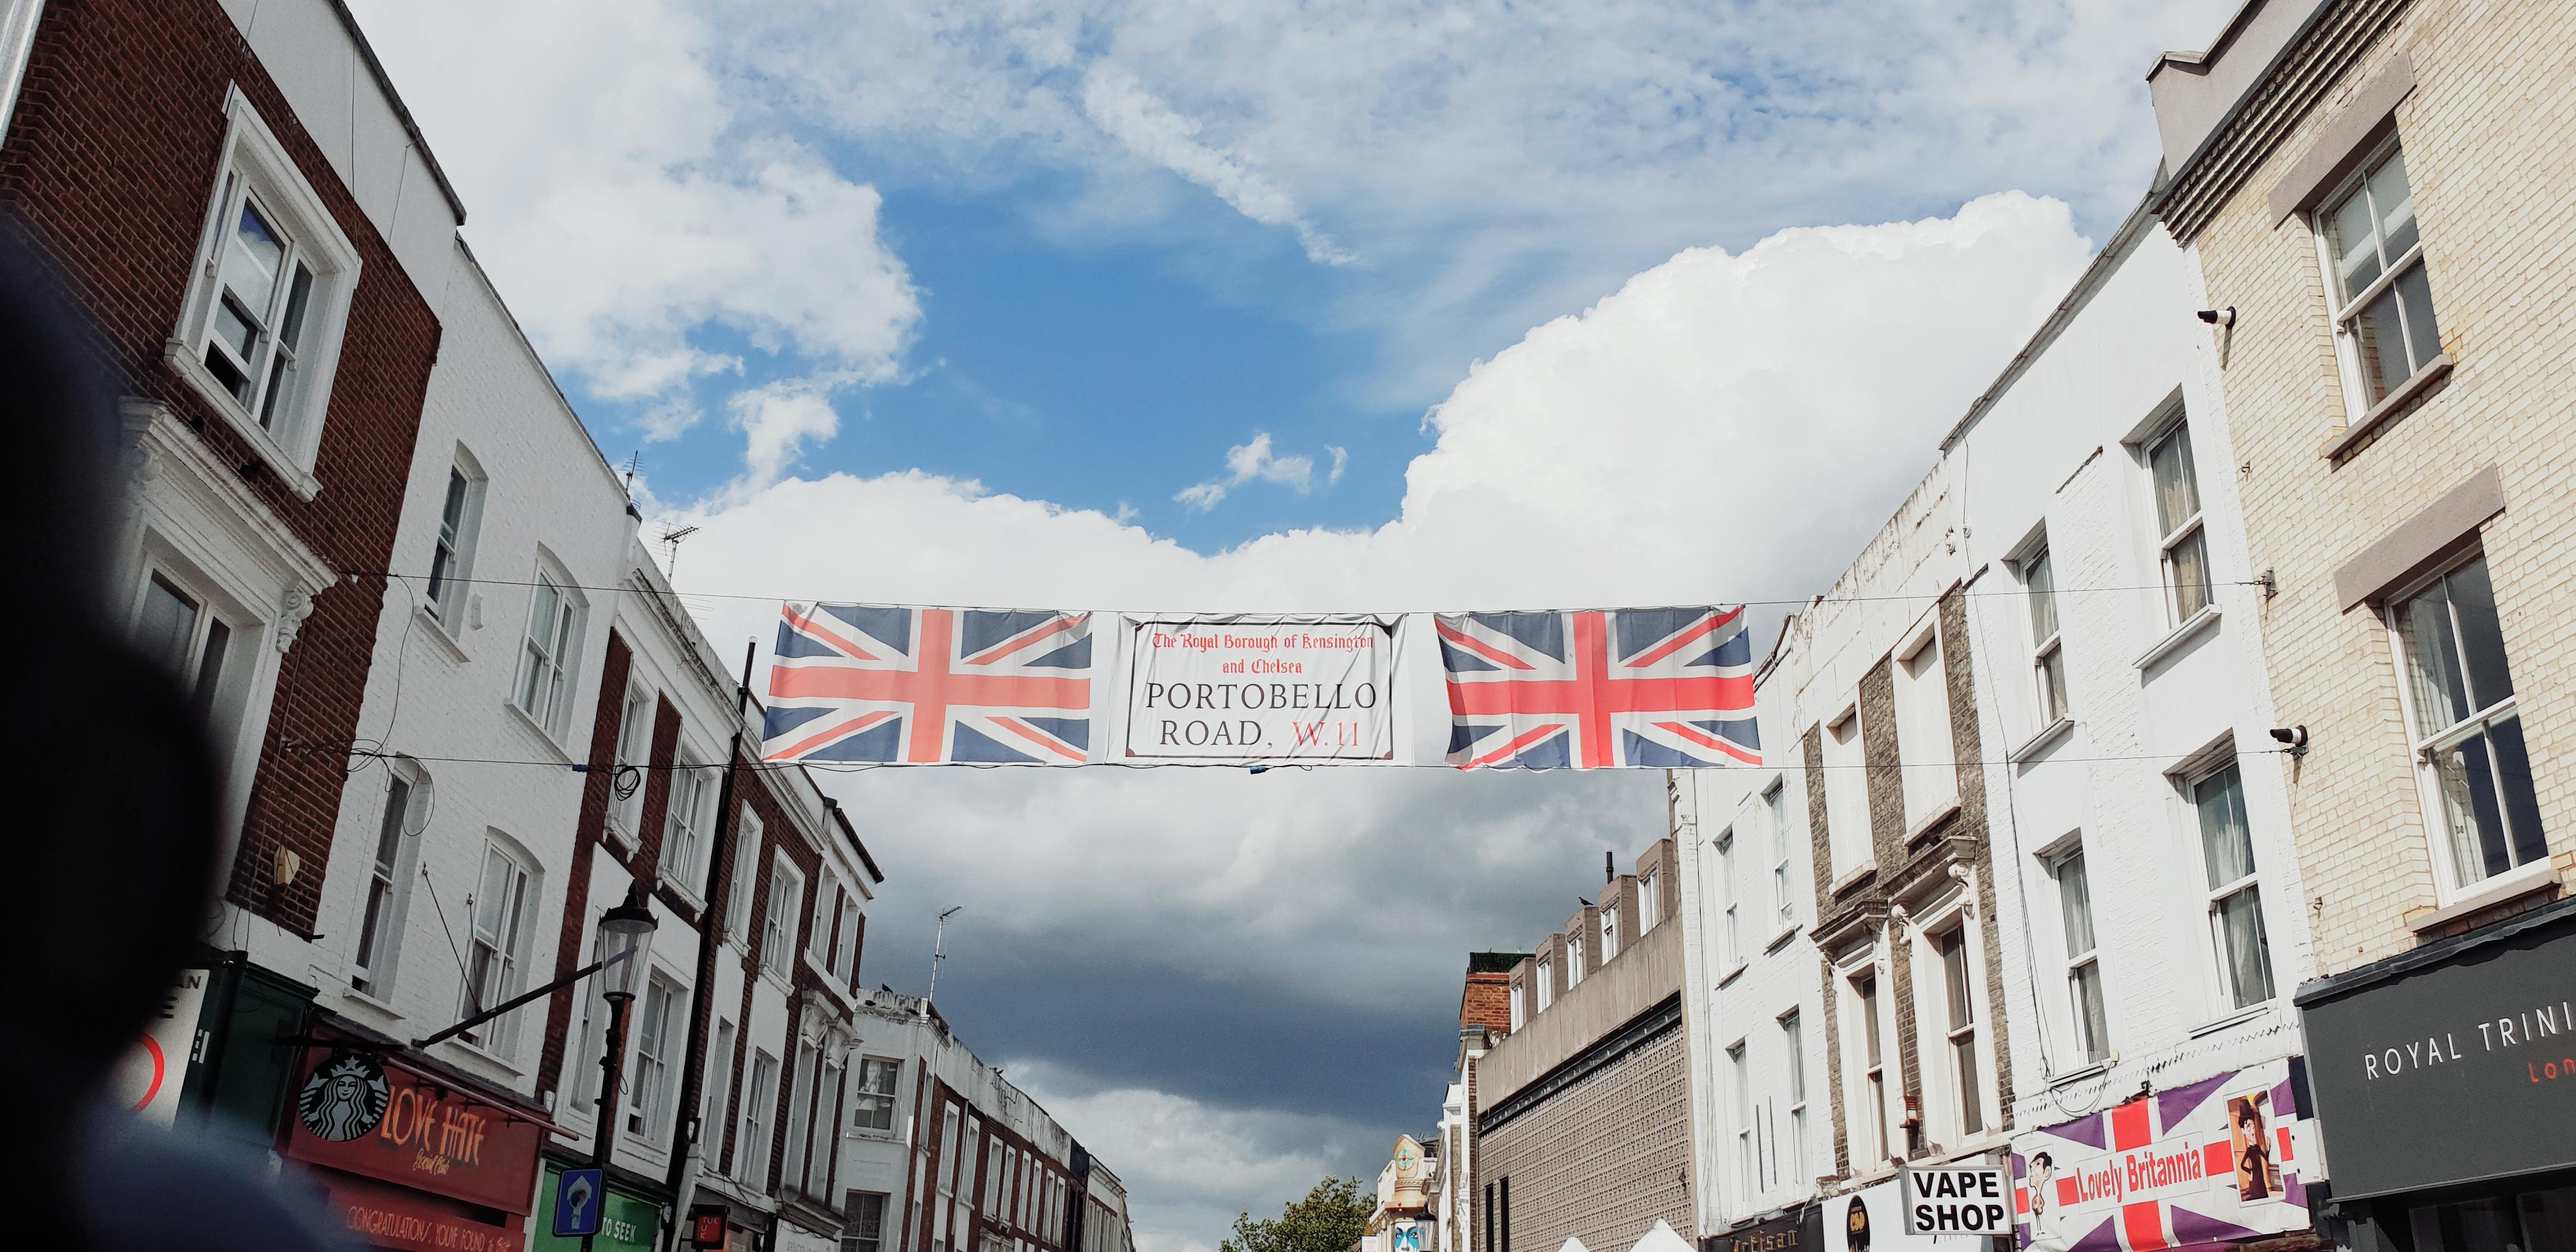 The Ultimate Guide to Portobello Market London